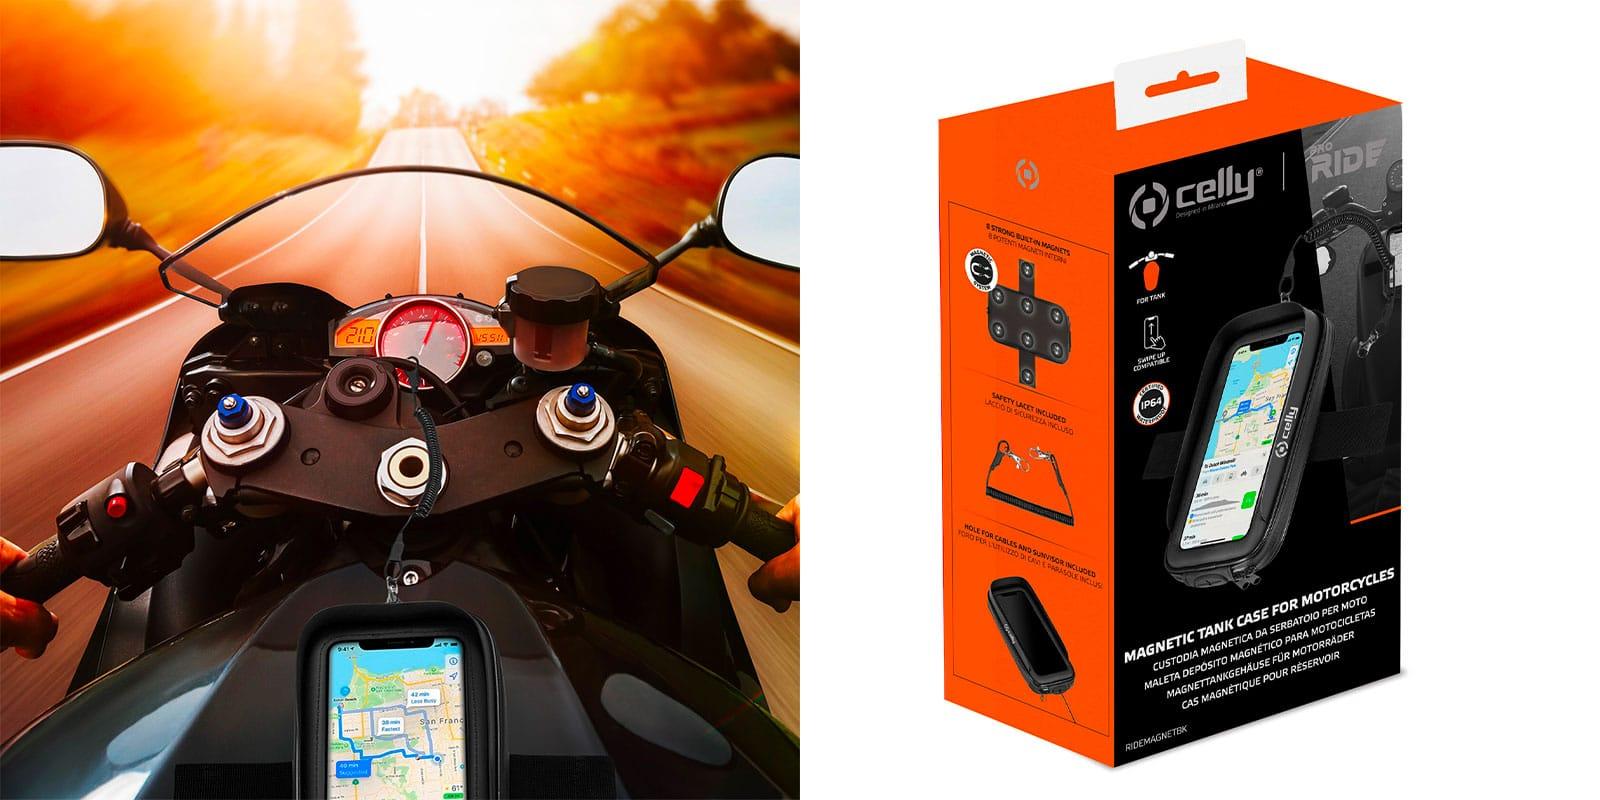 Accessori Smartphone per Moto: le novità ProRide di Celly 2